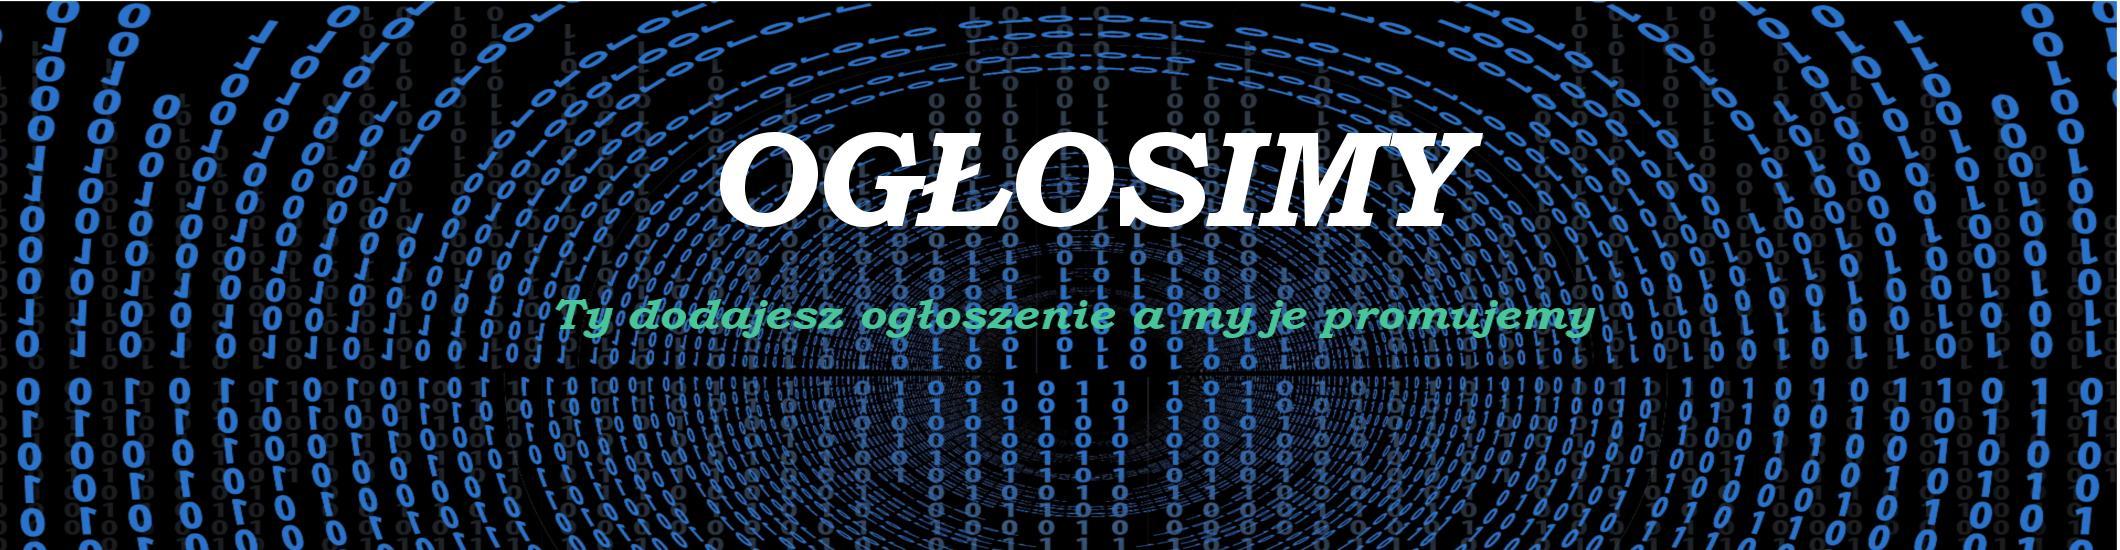 Ogłoszenia lokalne www.oglosimy.pl